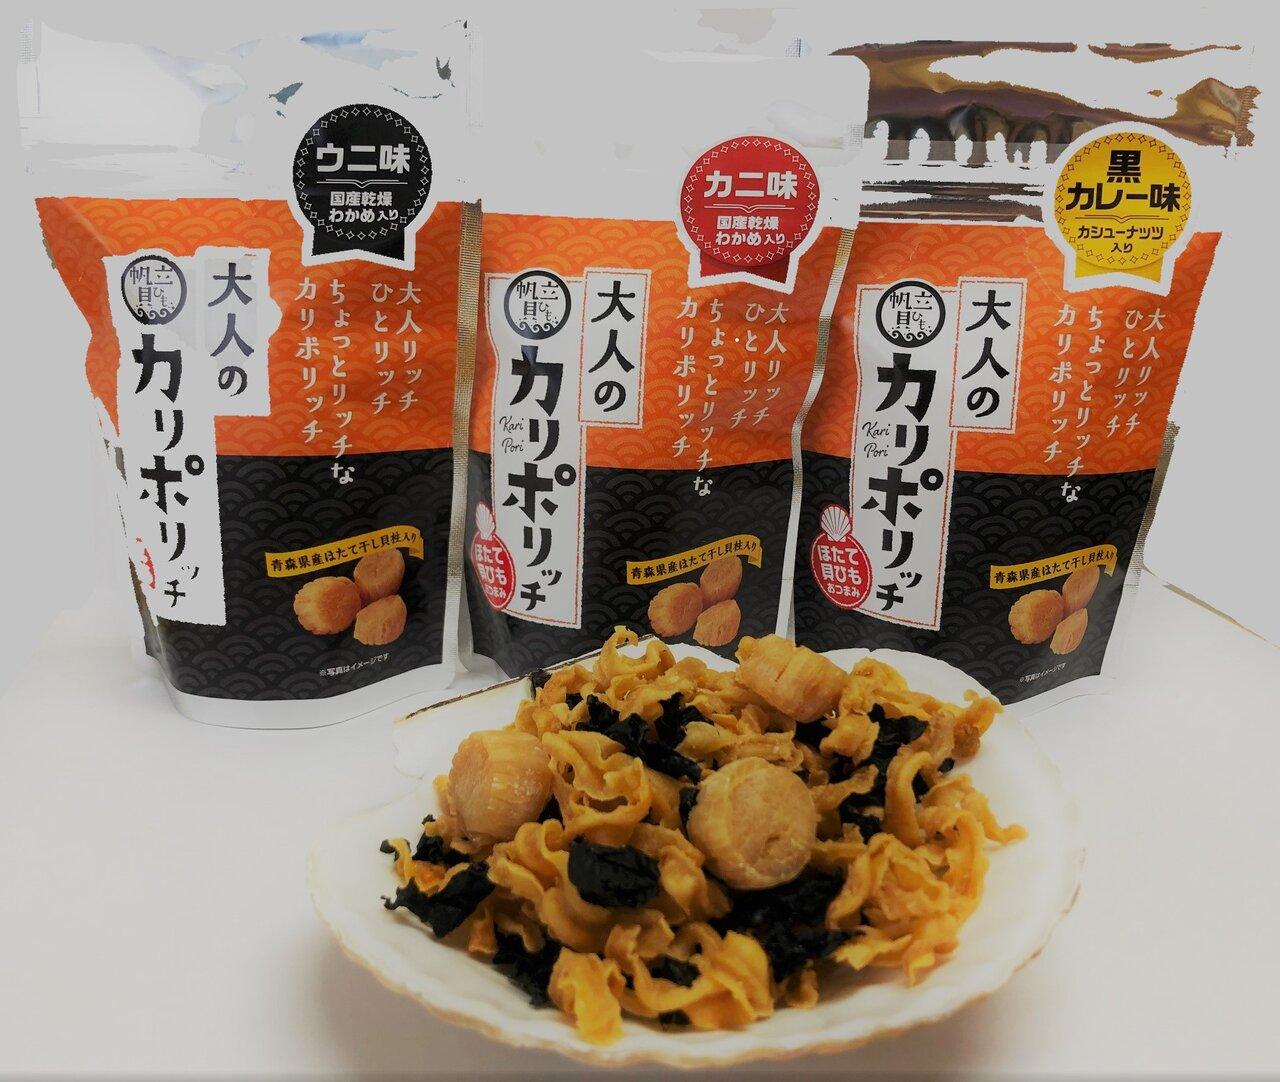 大人のカリポリッチ(カニ味・ウニ味・黒カレー味)